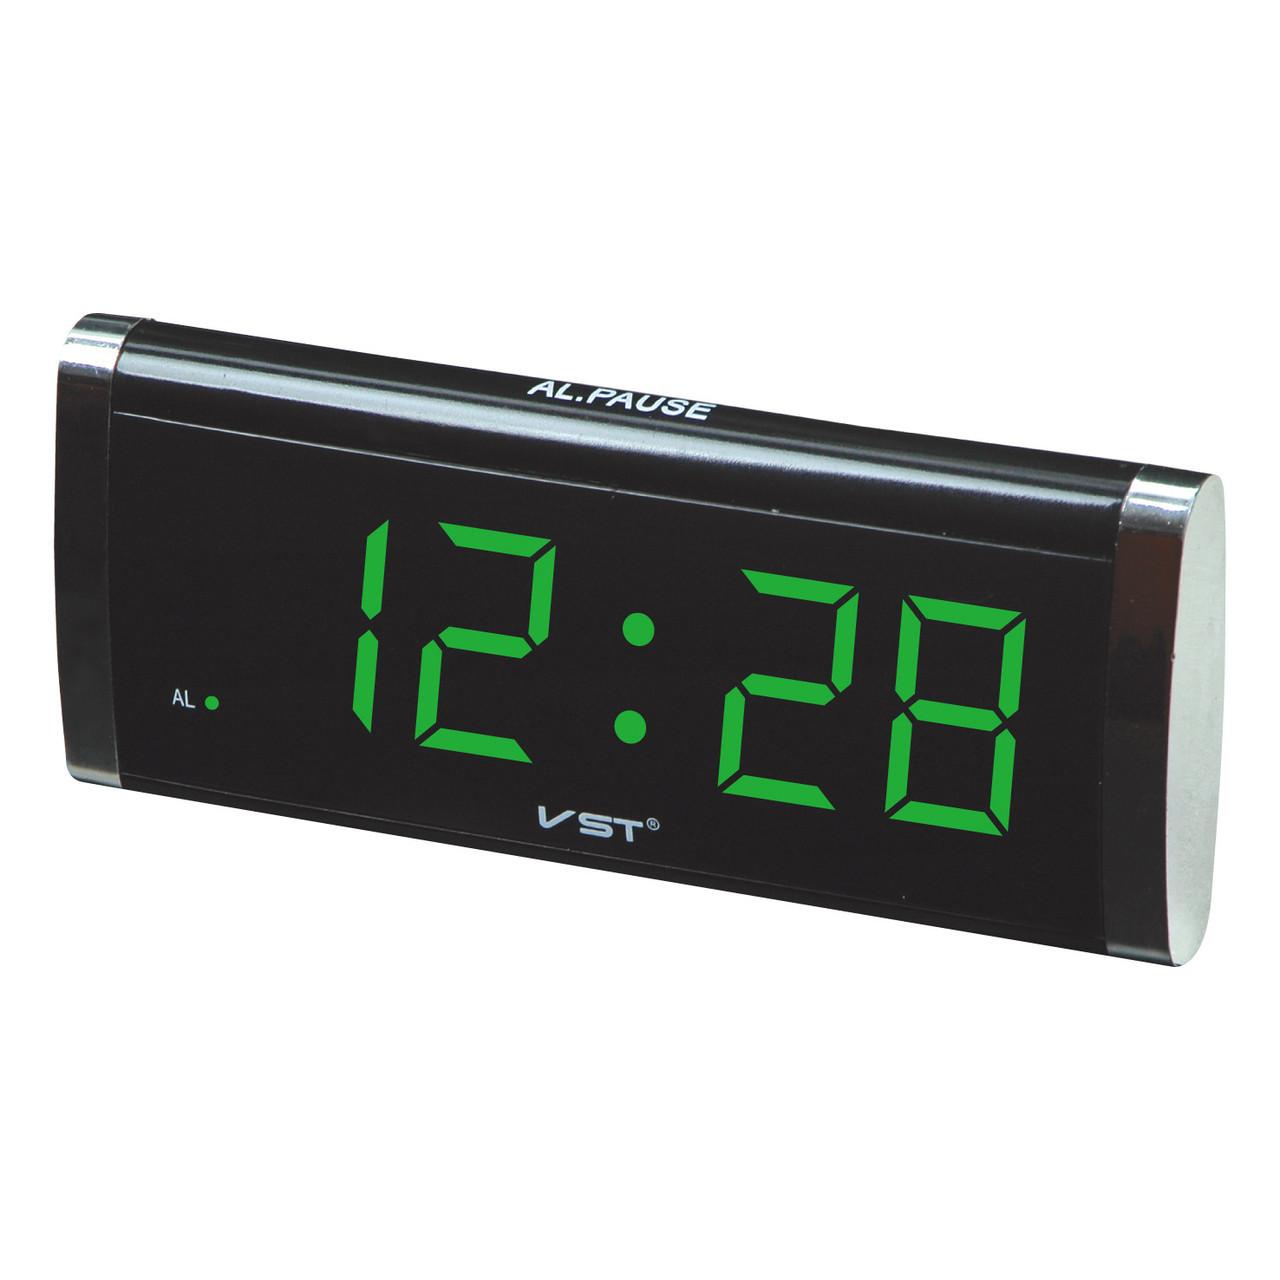 Электронные сетевые часы VST-730-1, цена 353 грн., купить в Киеве ... 7595c25b2ac